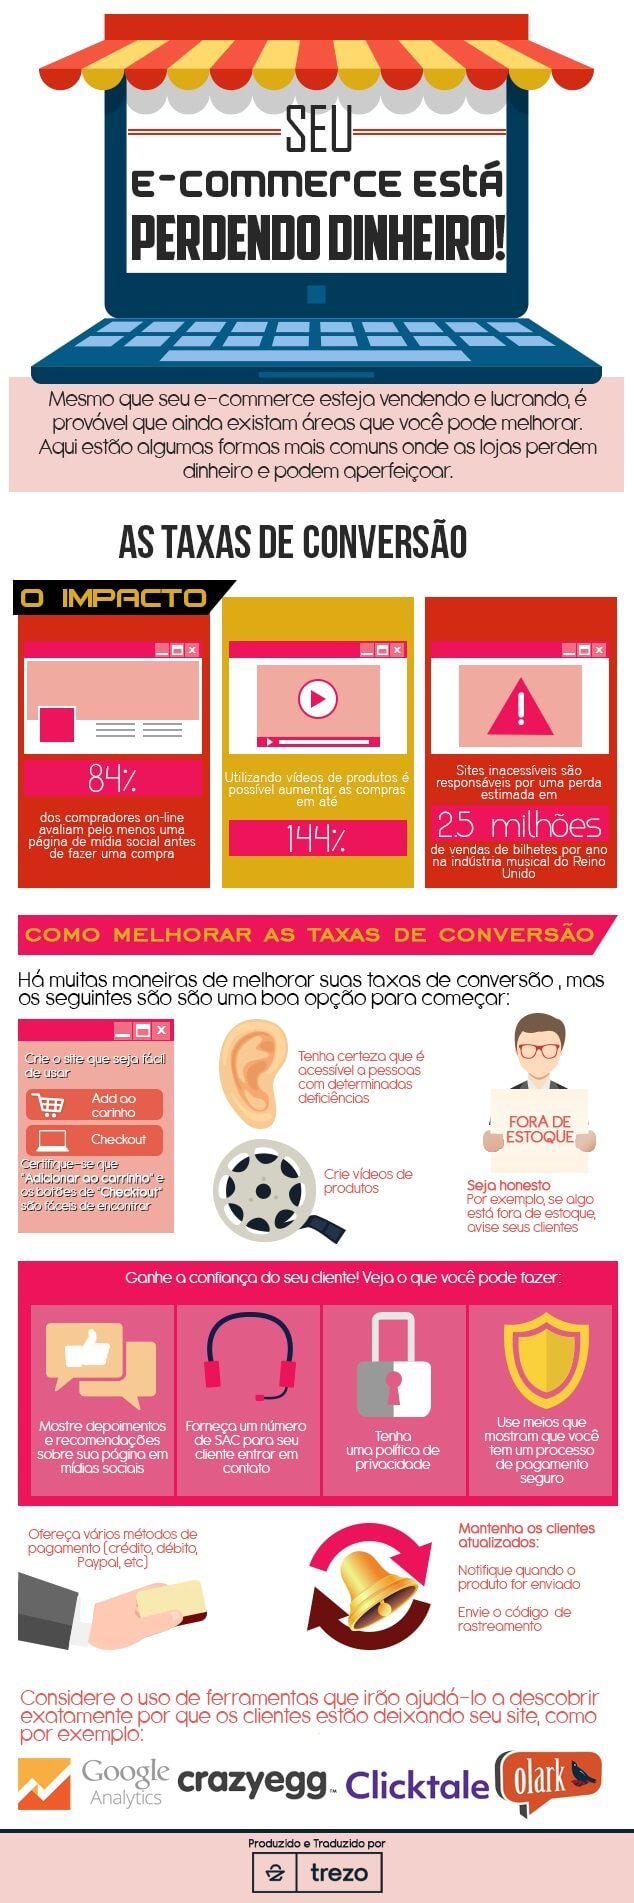 infografico-taxa-de-conversao